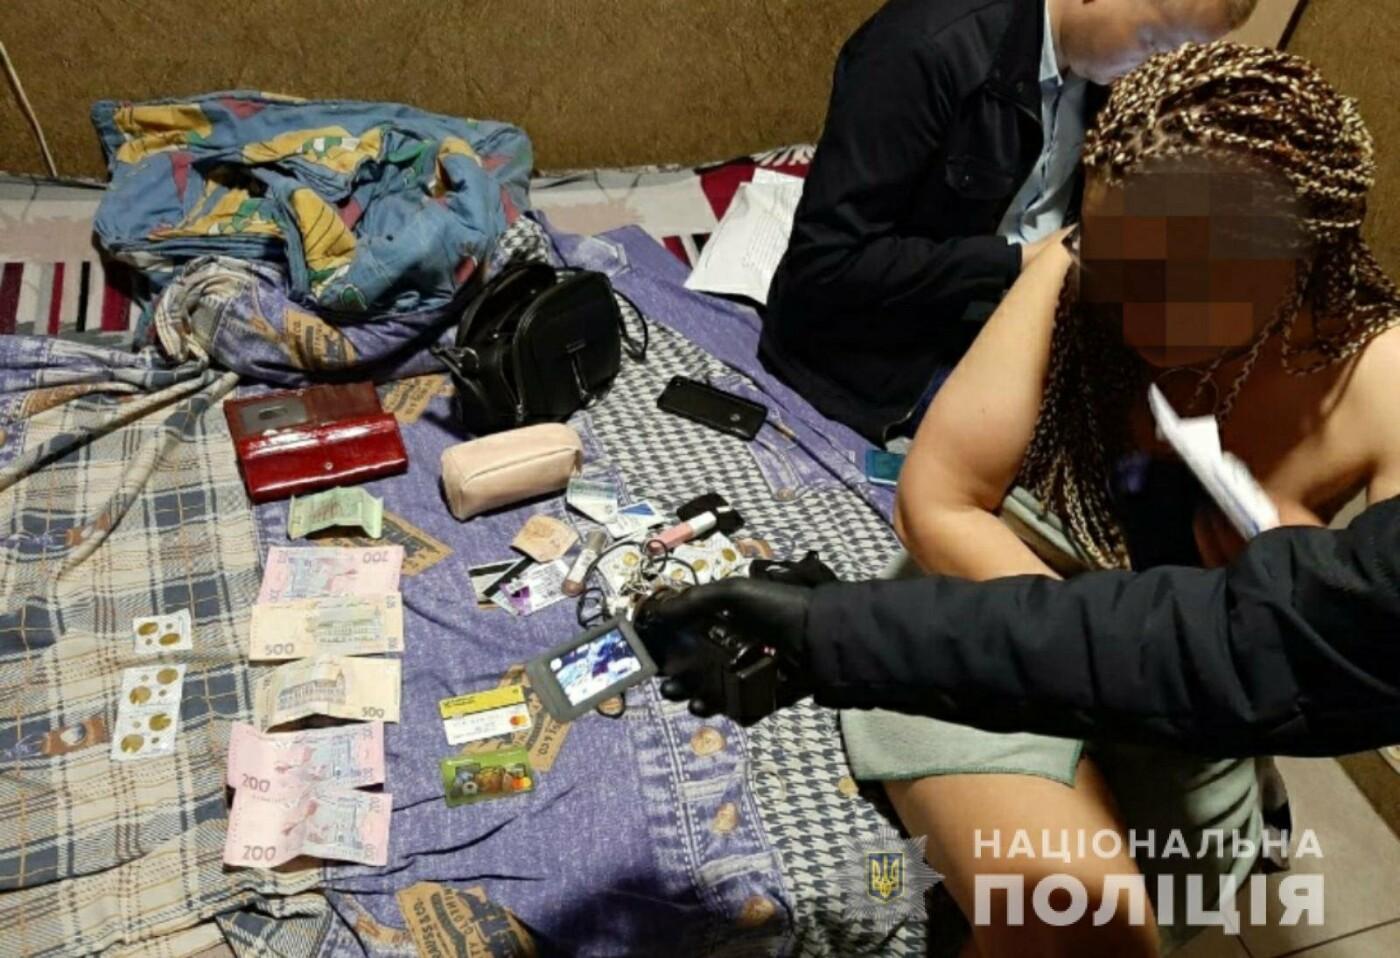 В Днепре на съёмных квартирах организовали три борделя, - ФОТО, фото-1